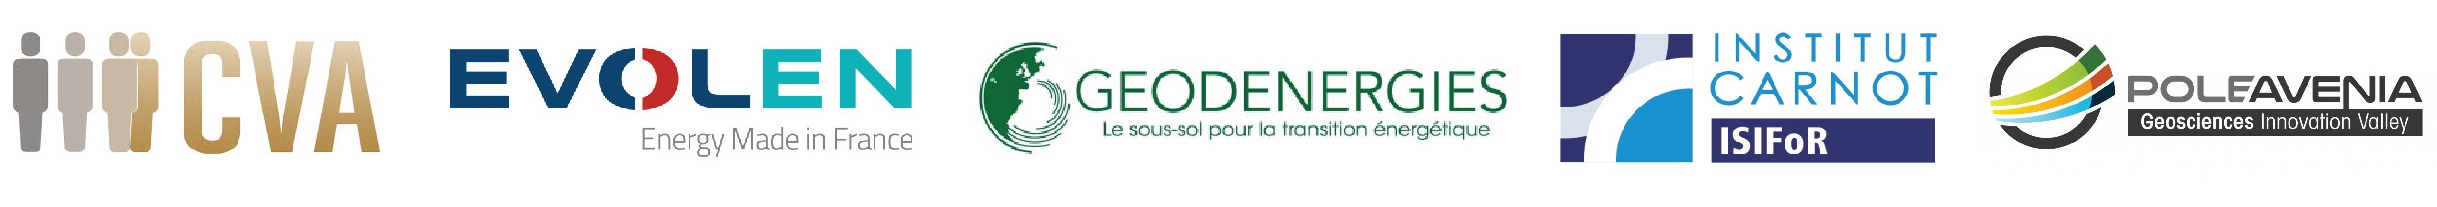 bloc logo2018